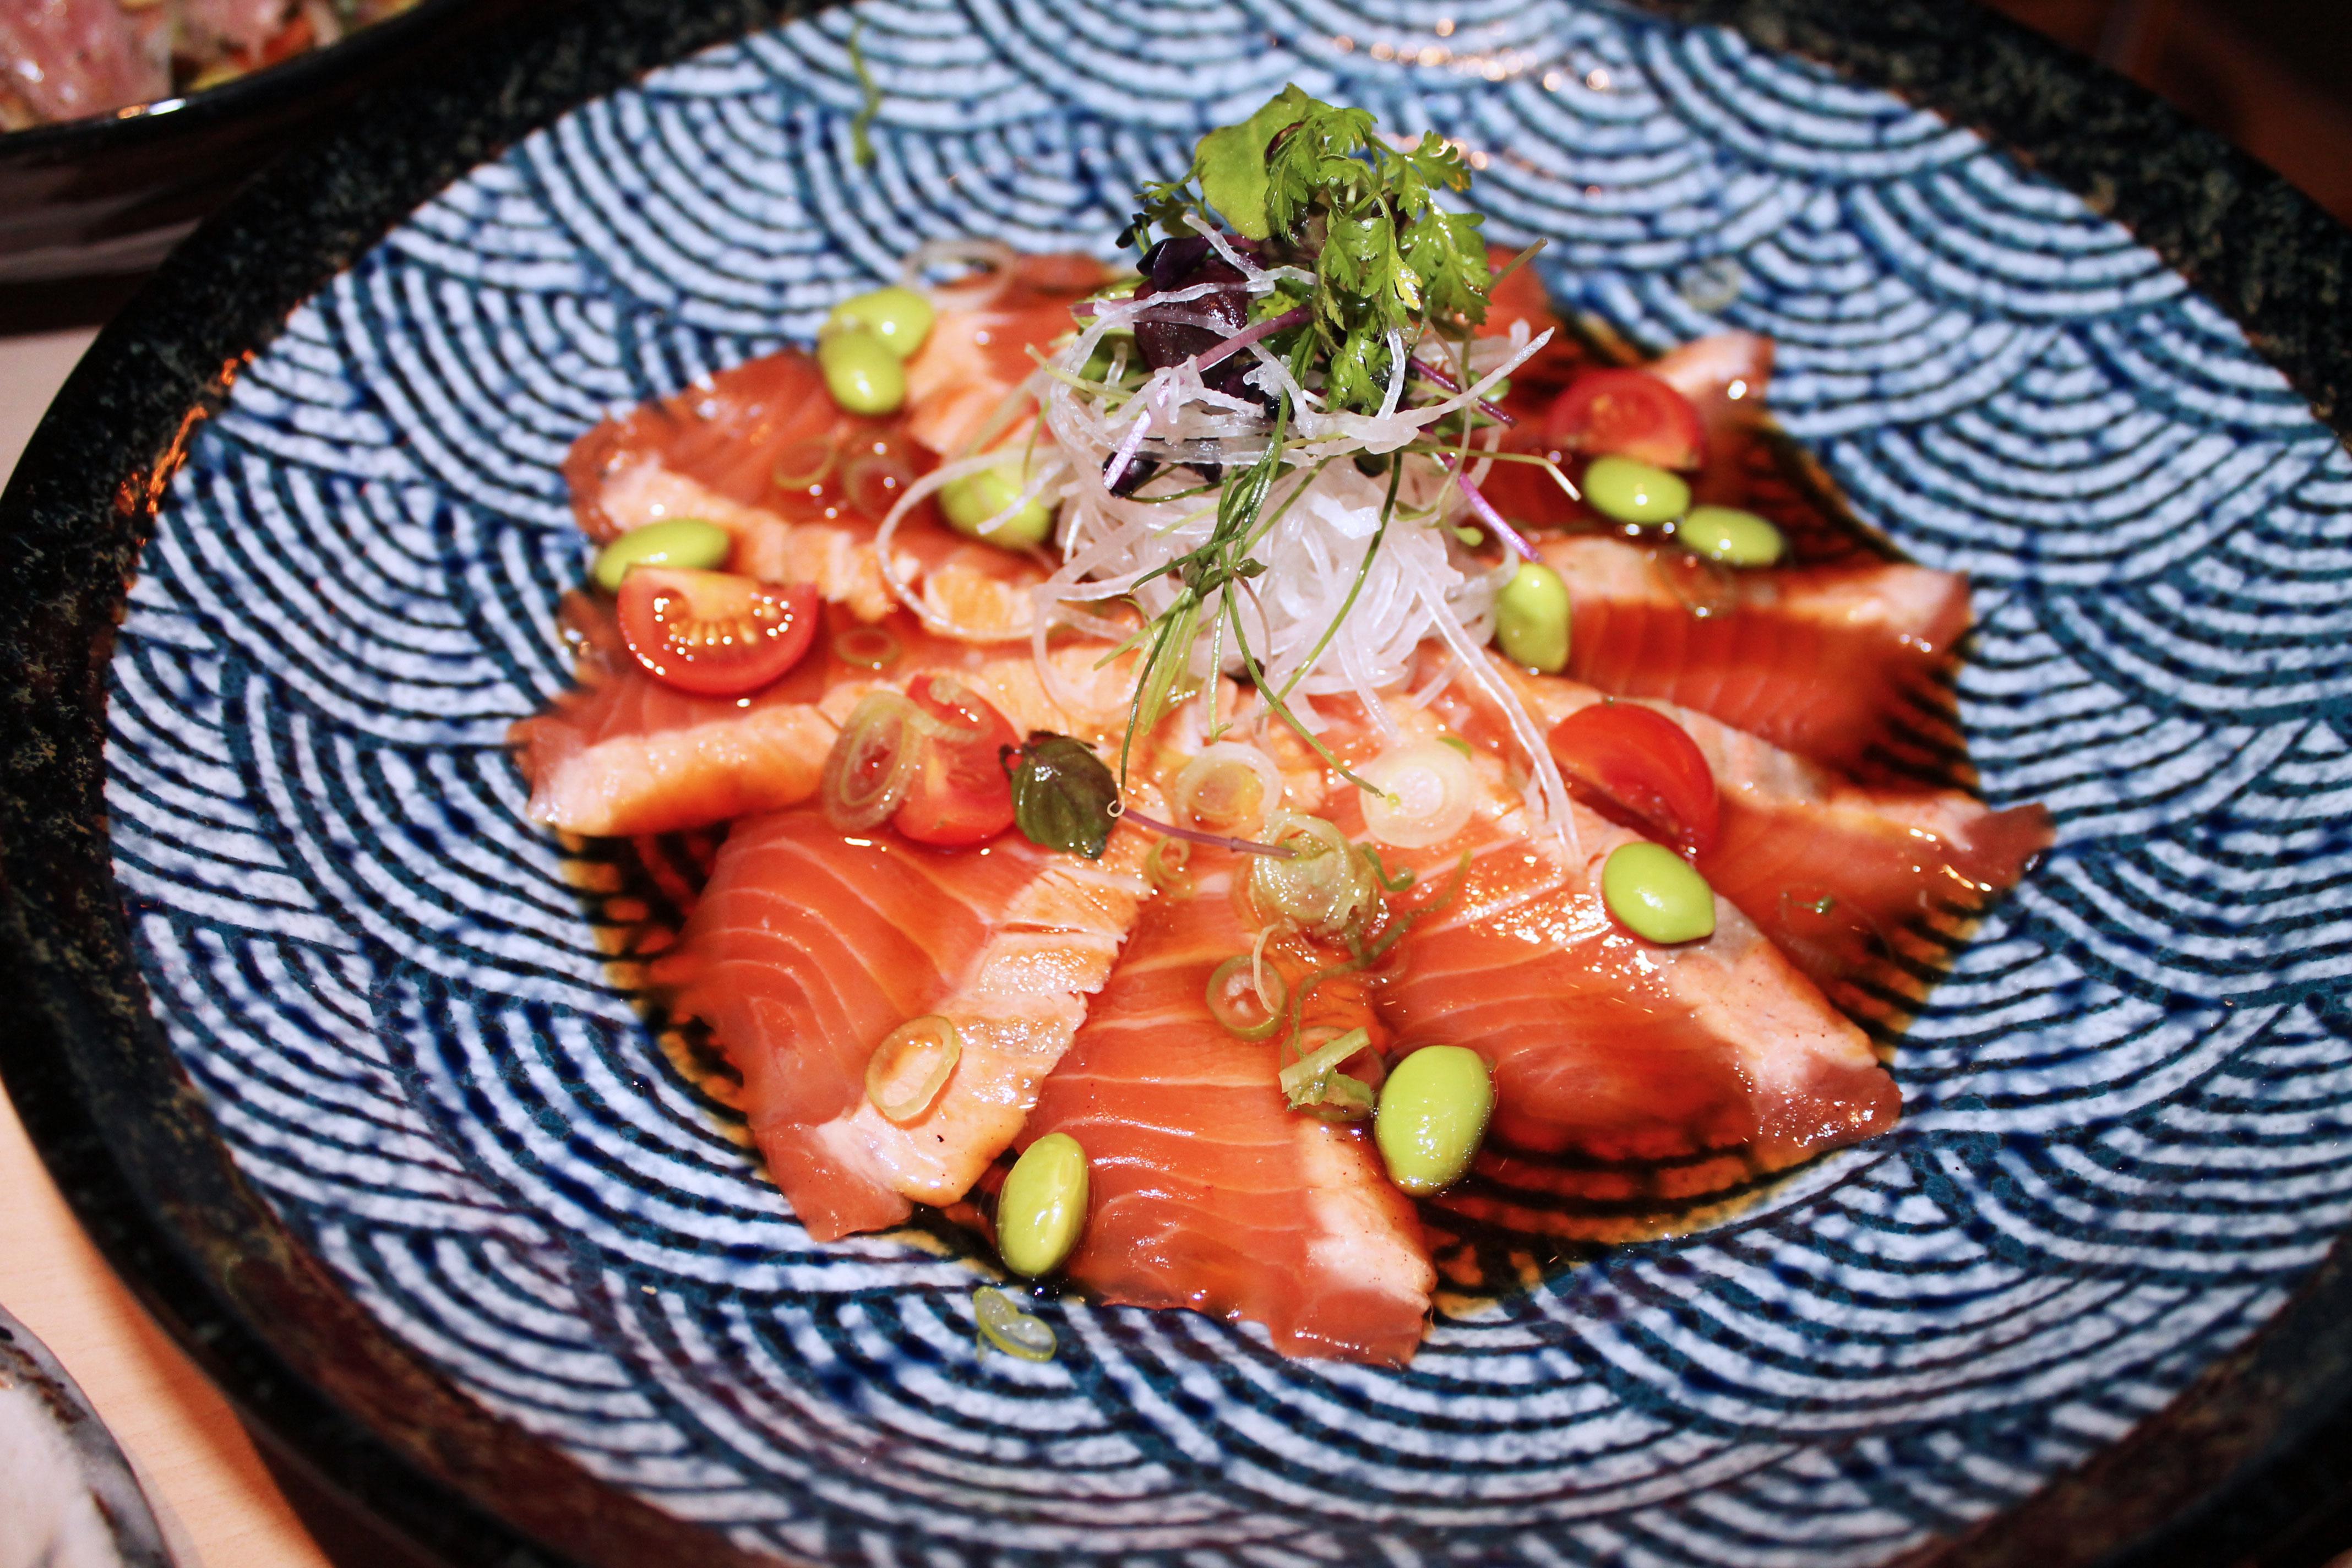 kardiaserena-iki-restaurant-erste-campus-lokaltipp-spicy-iki-roll-lachs-tartar